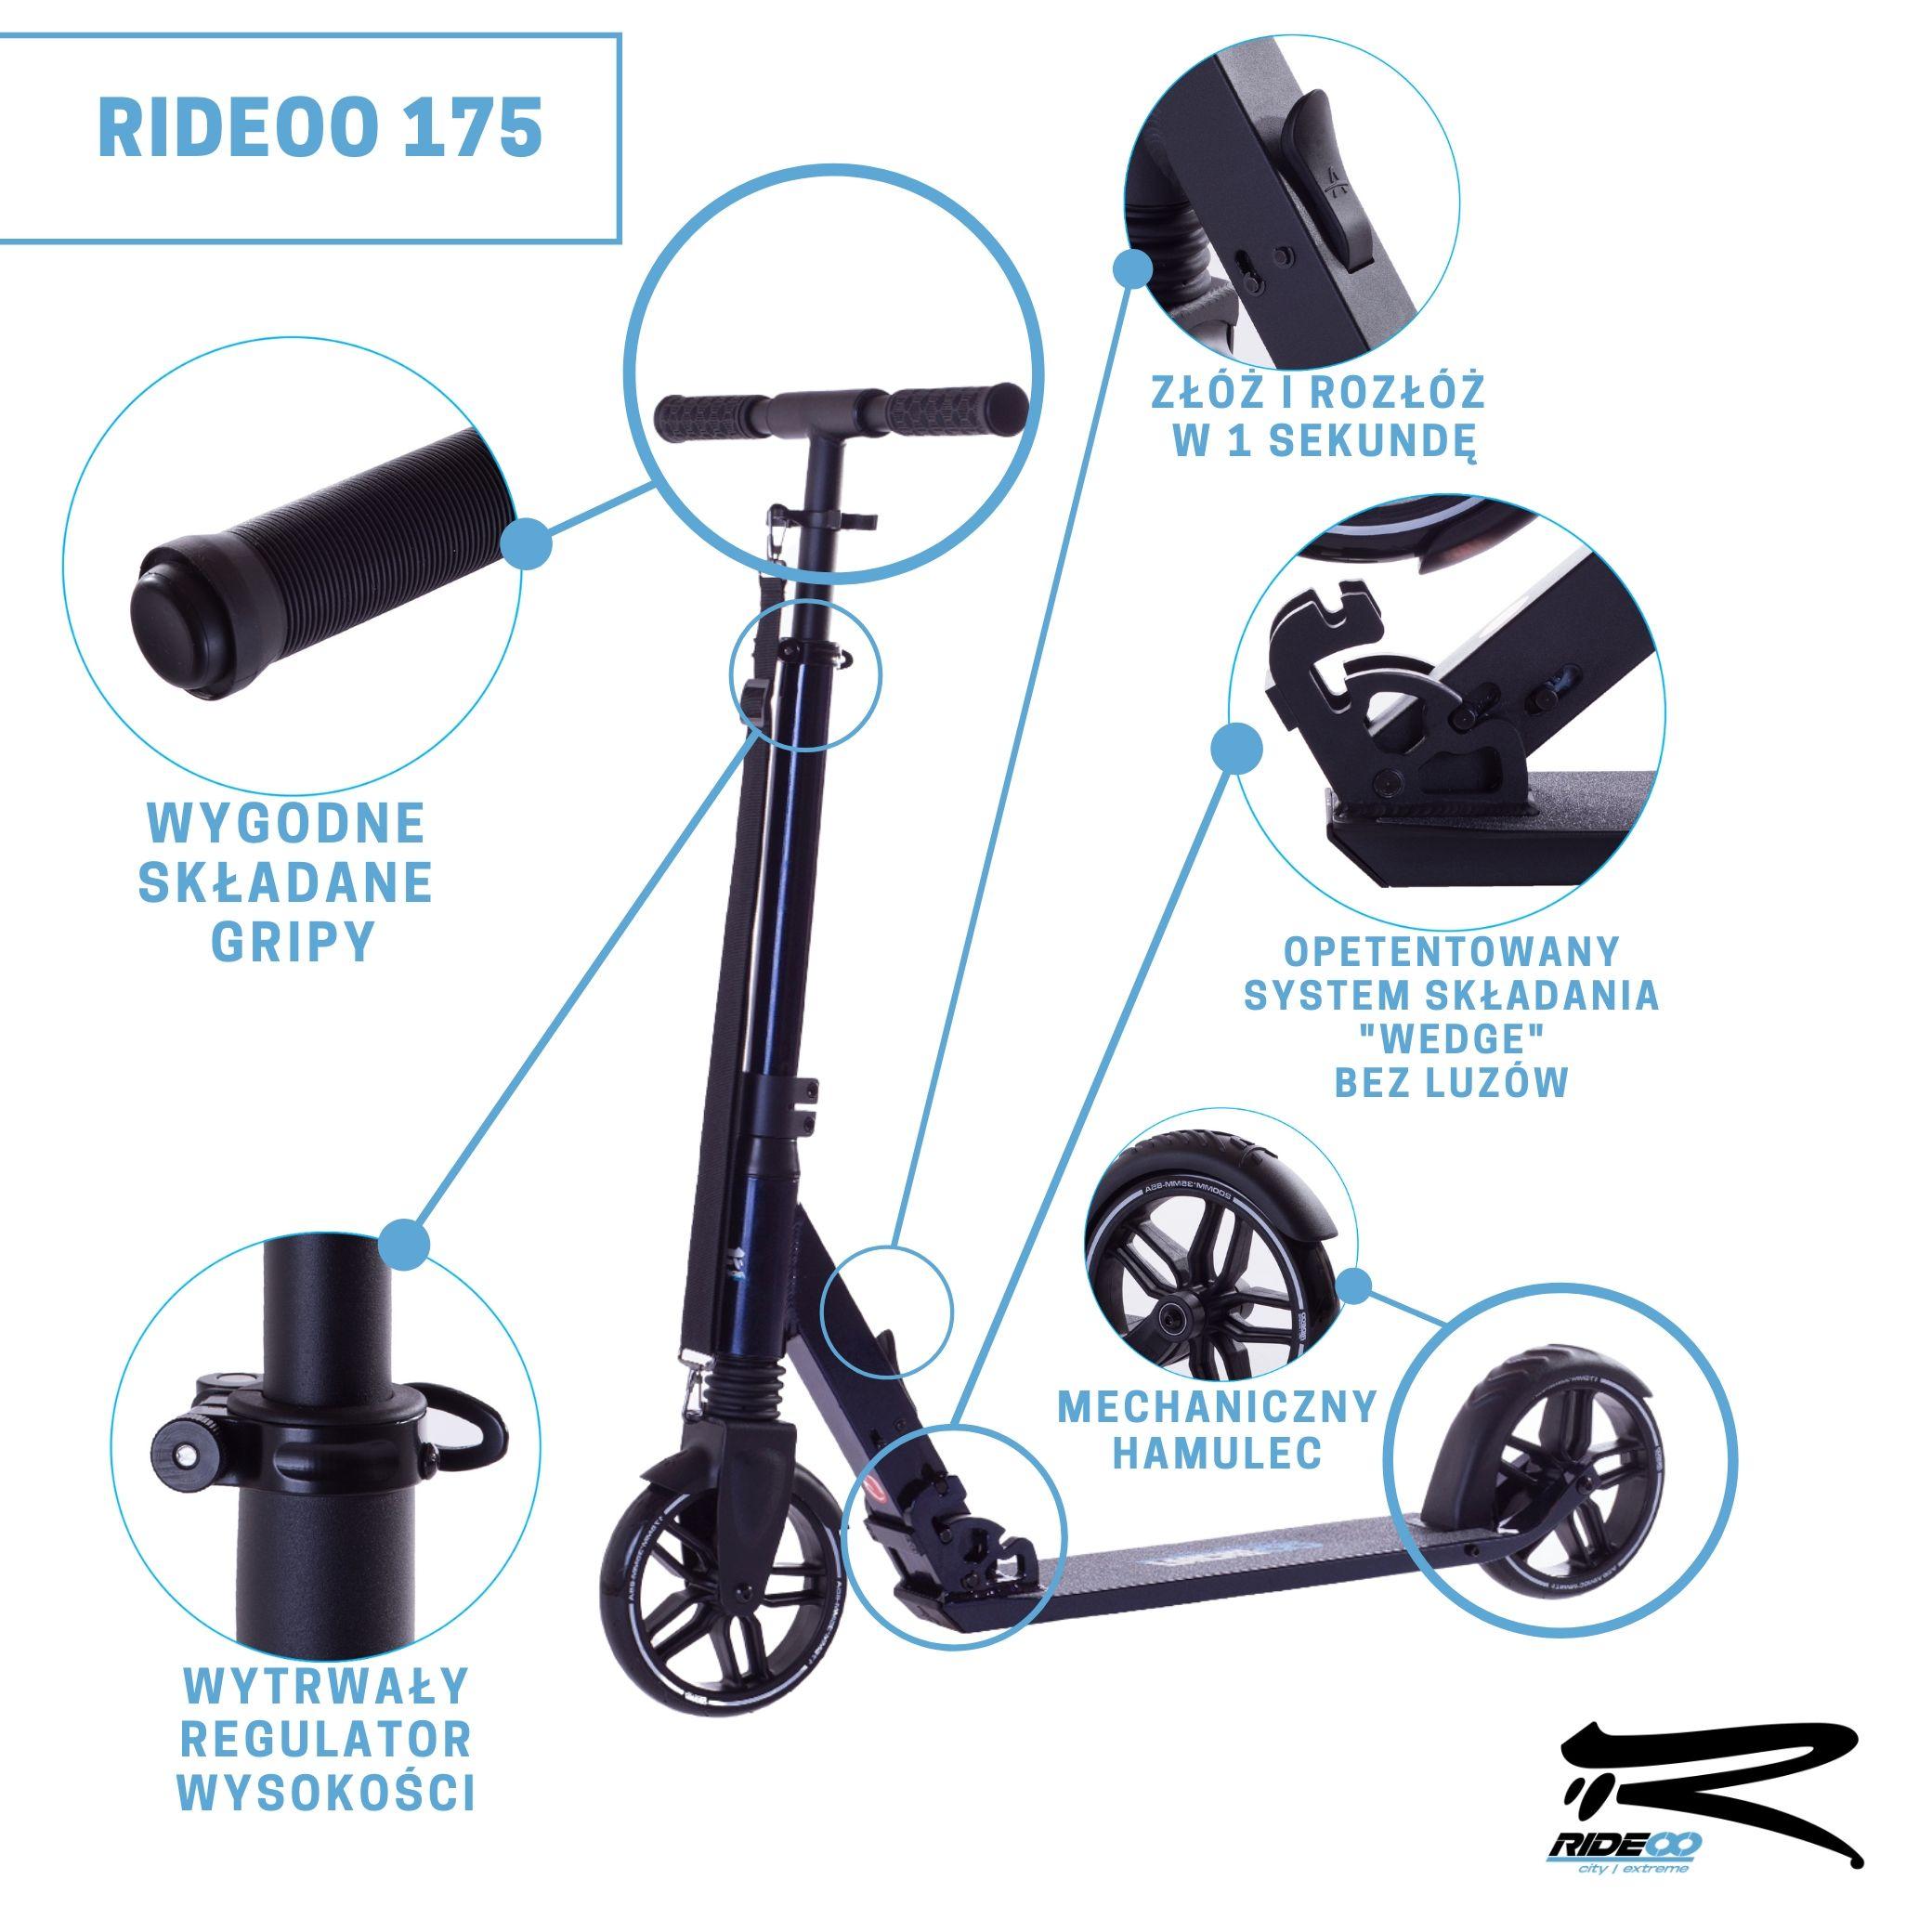 Rideoo 175